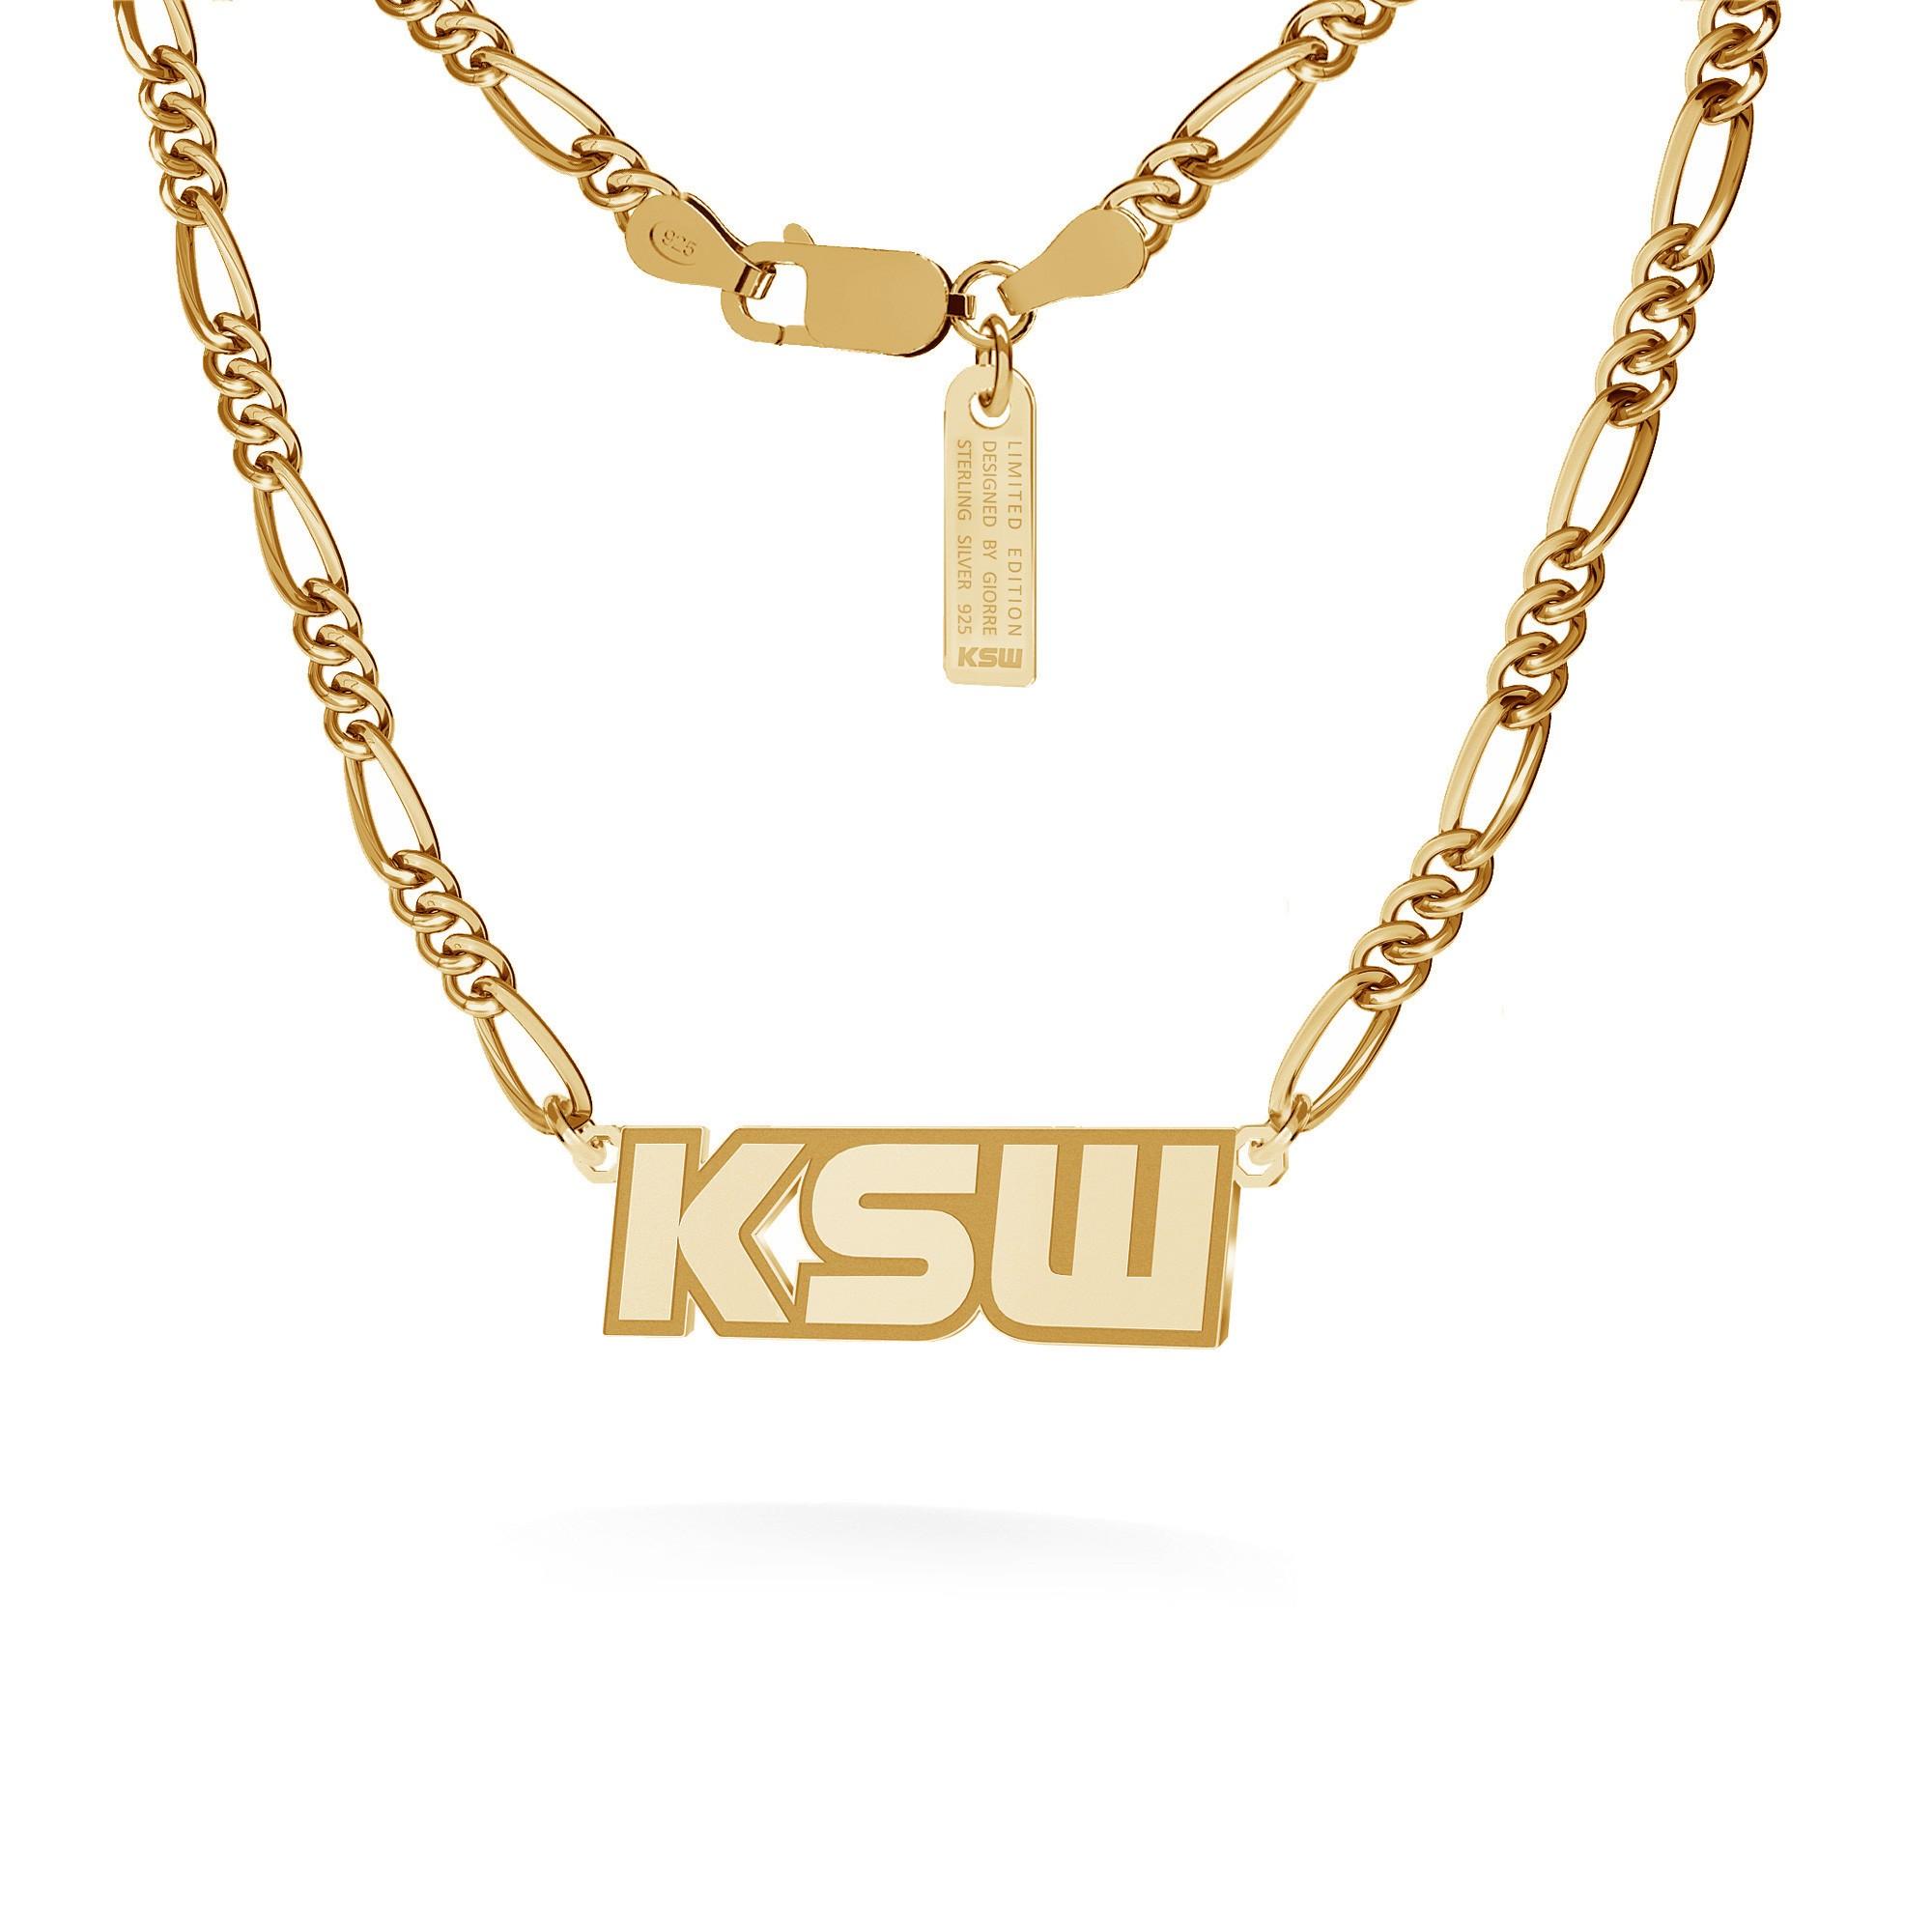 Srebrny naszyjnik z blaszką, logo KSW, łańcuch figaro dmuchane, srebro 925